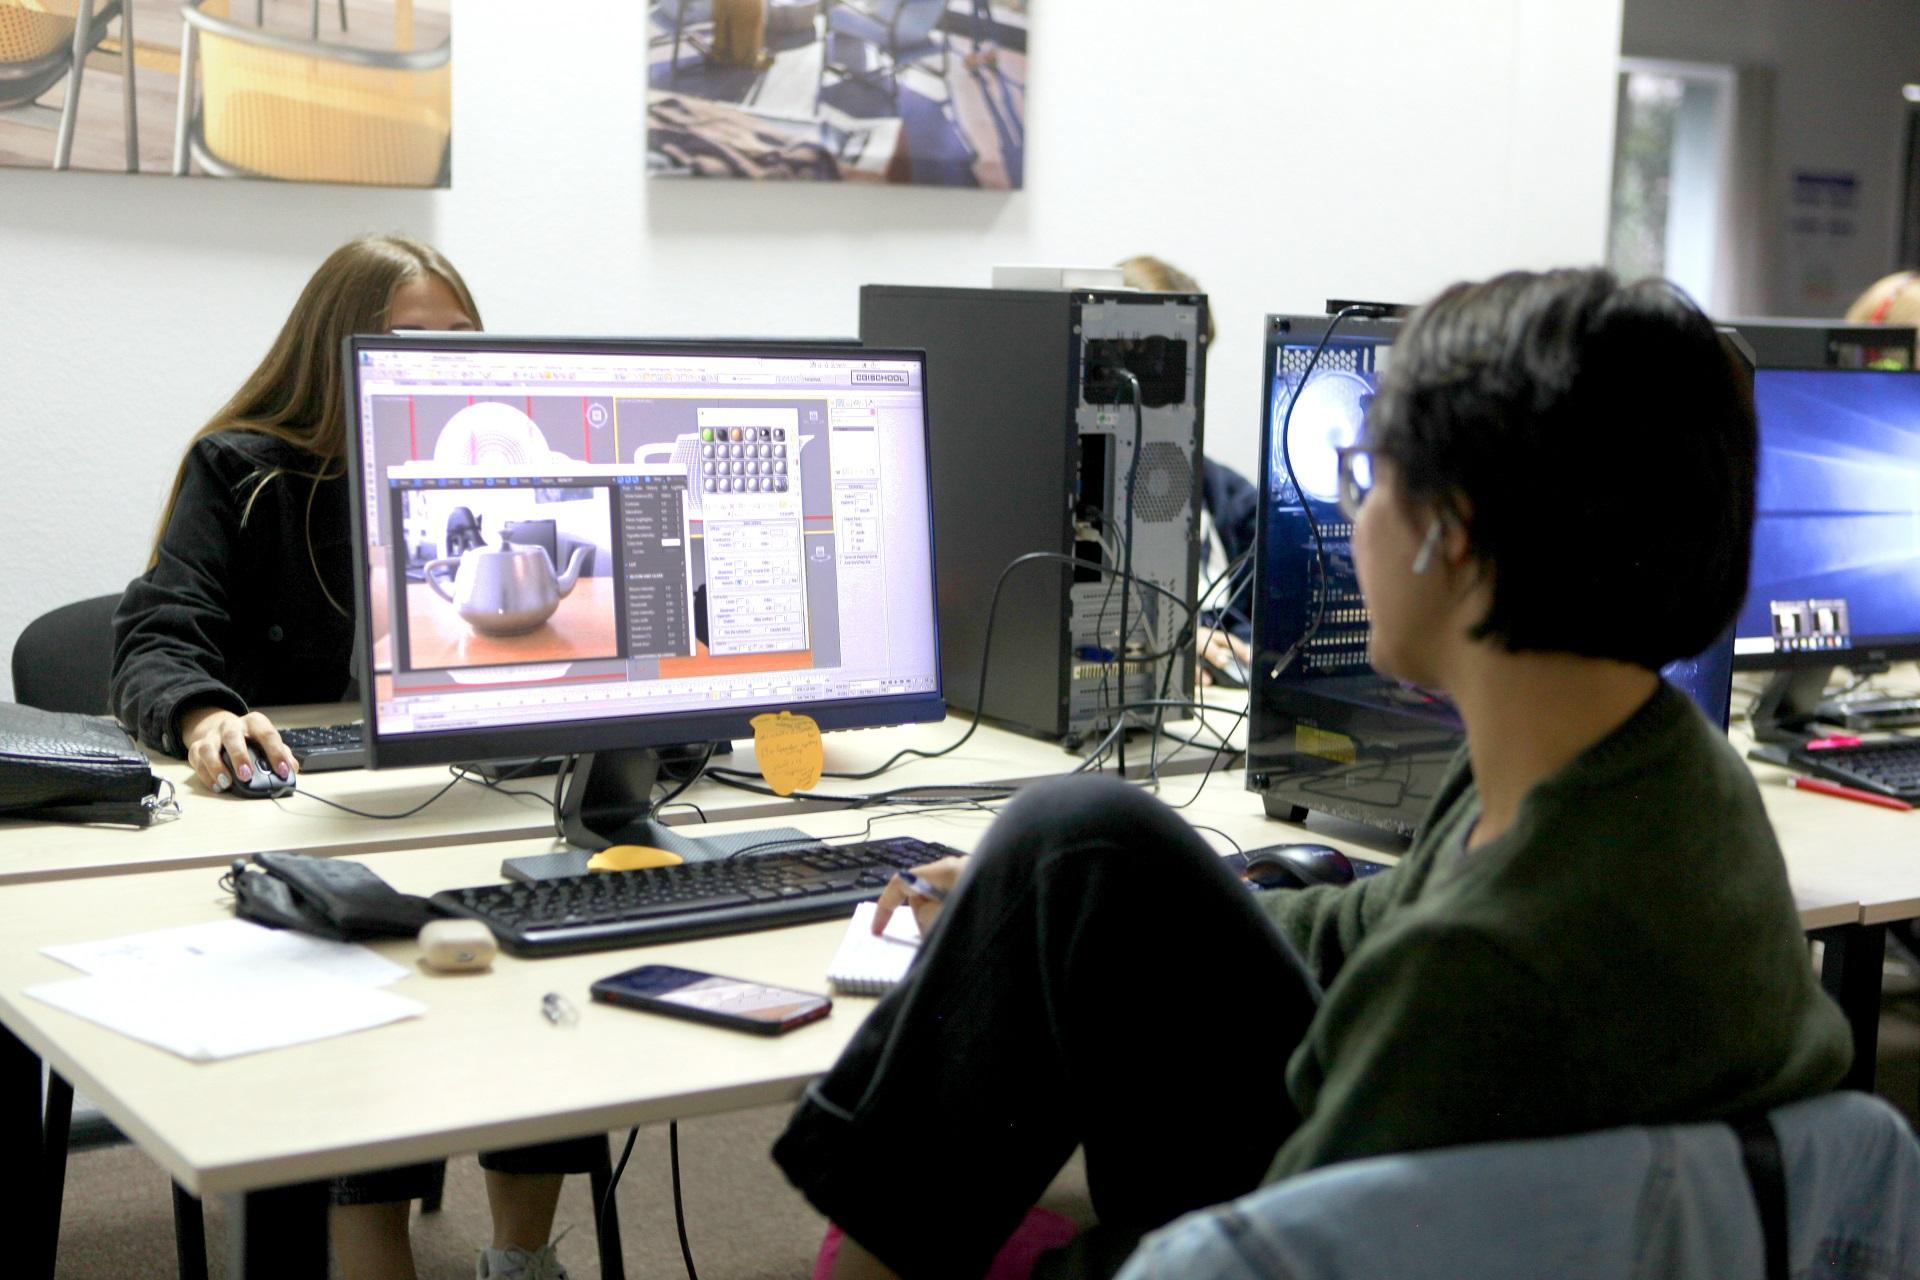 3D візуалізатор працює над креативною задачею